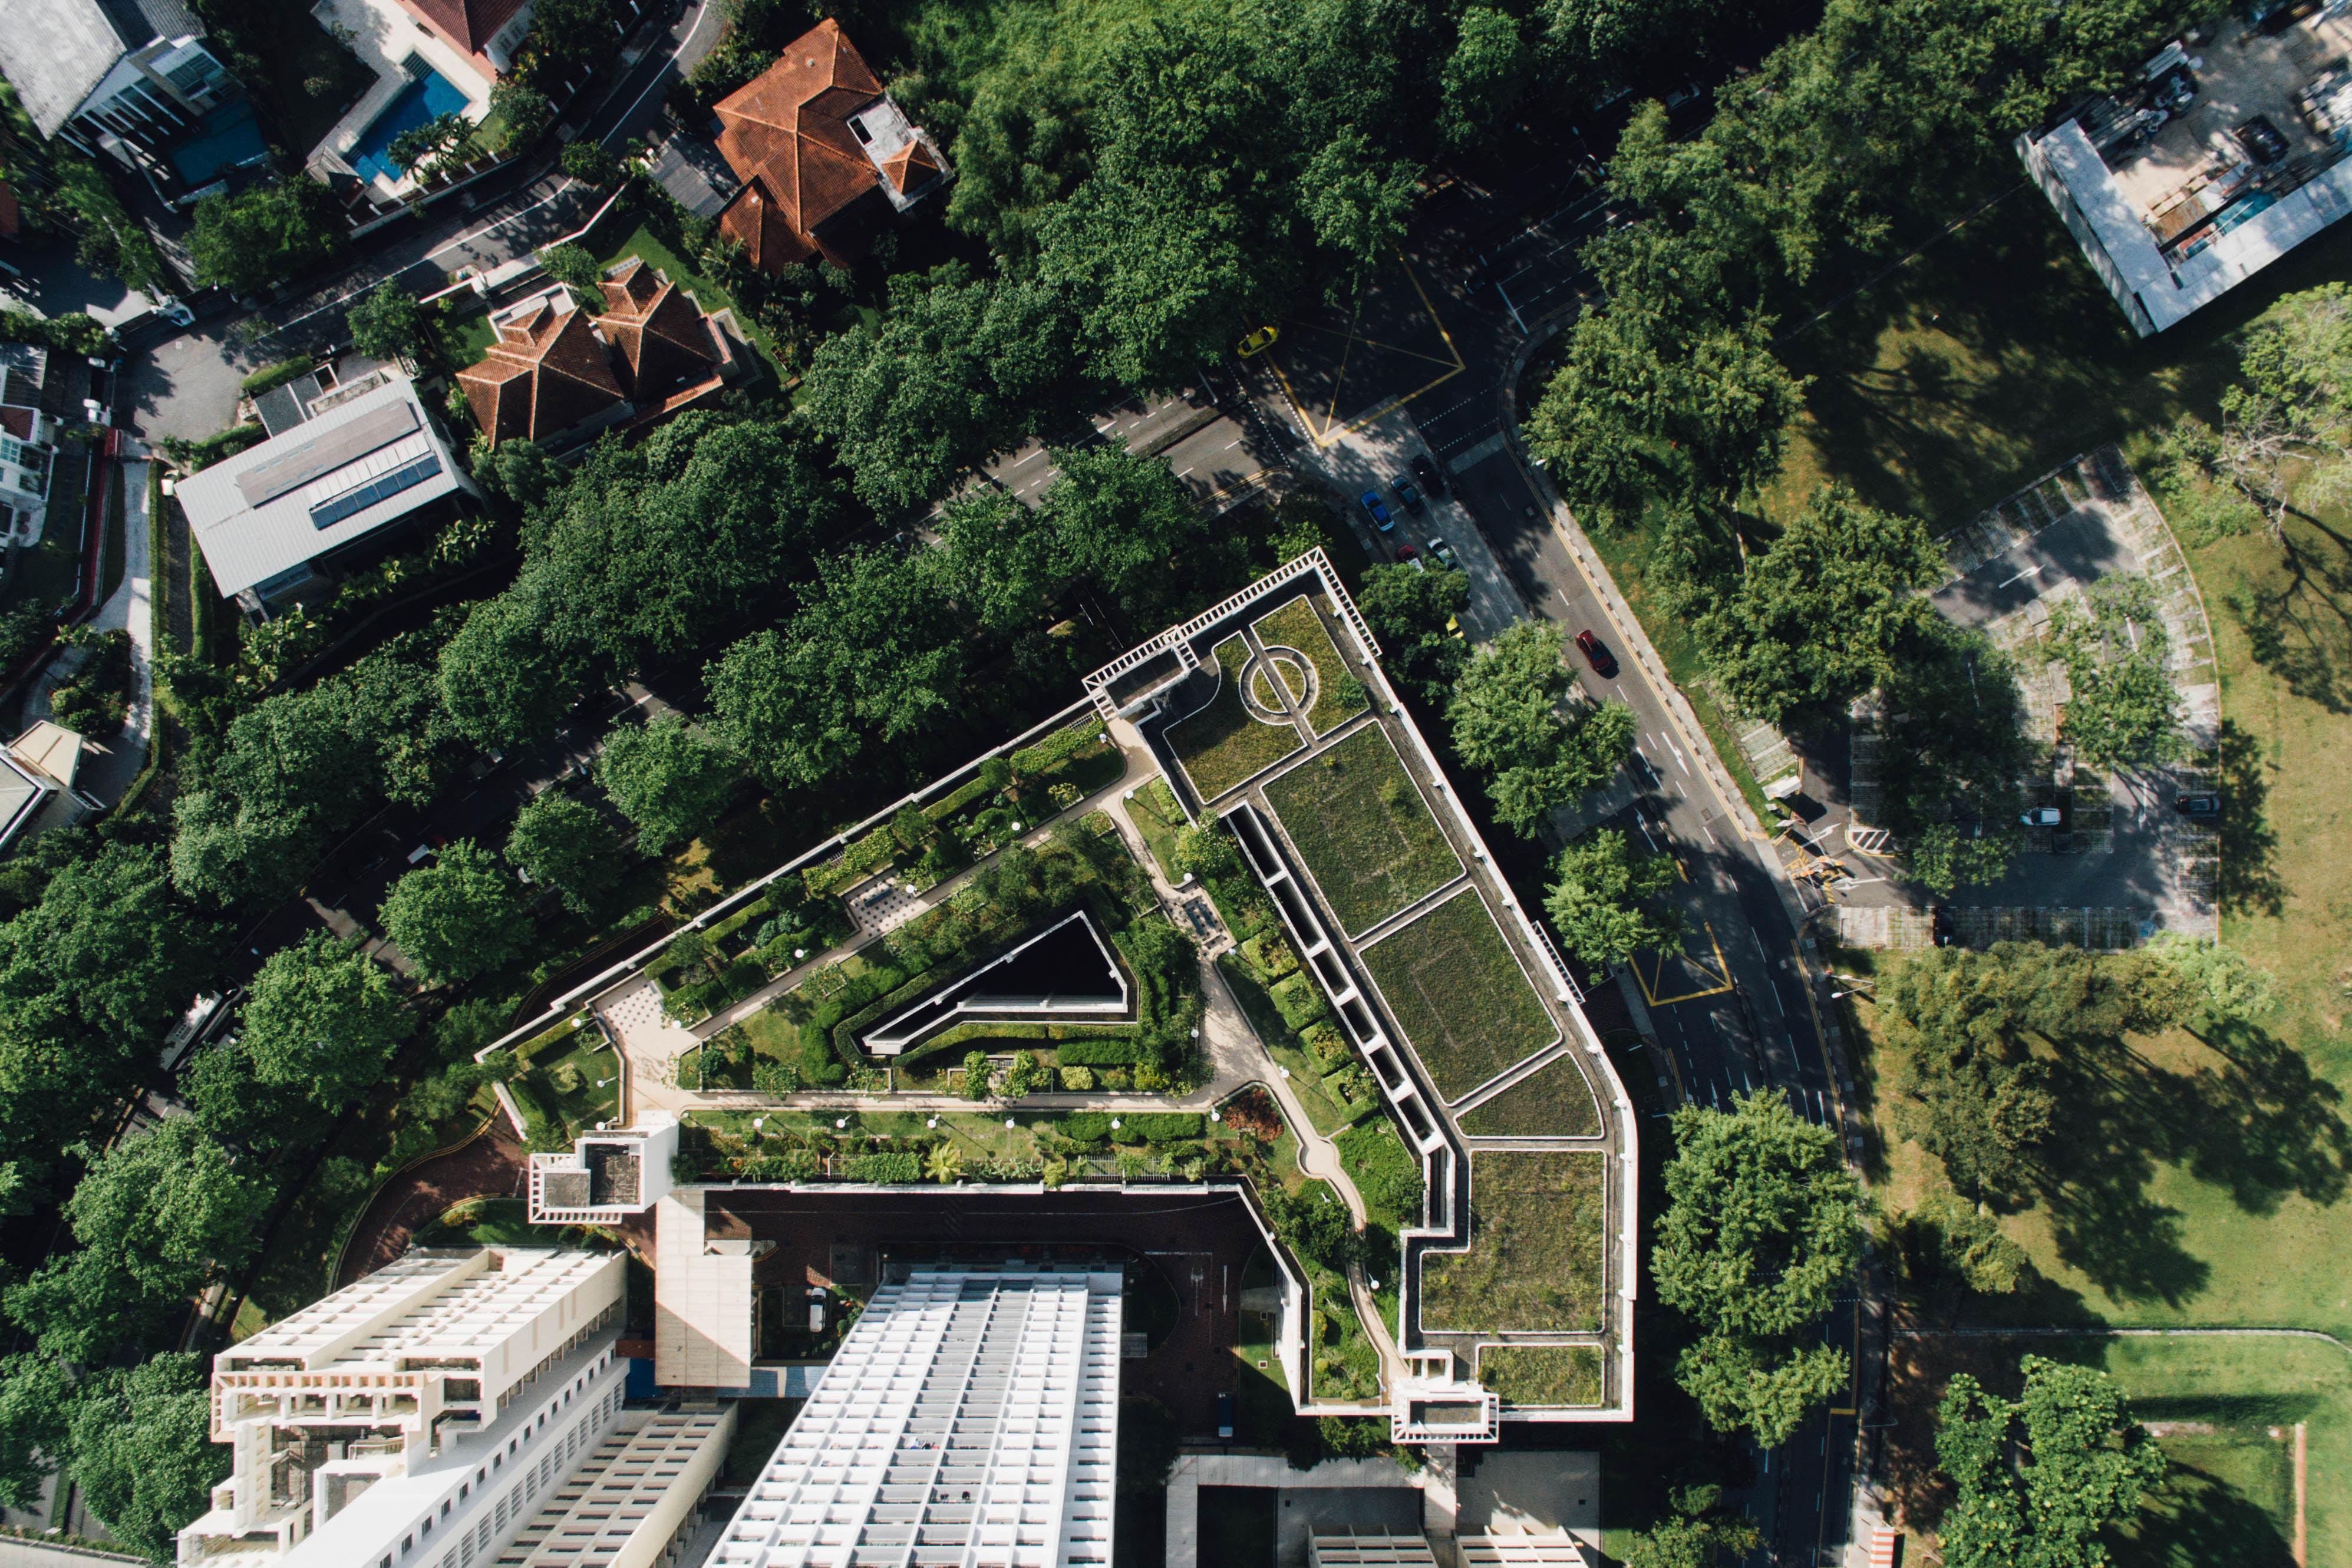 Scegliere un tetto verde conviene